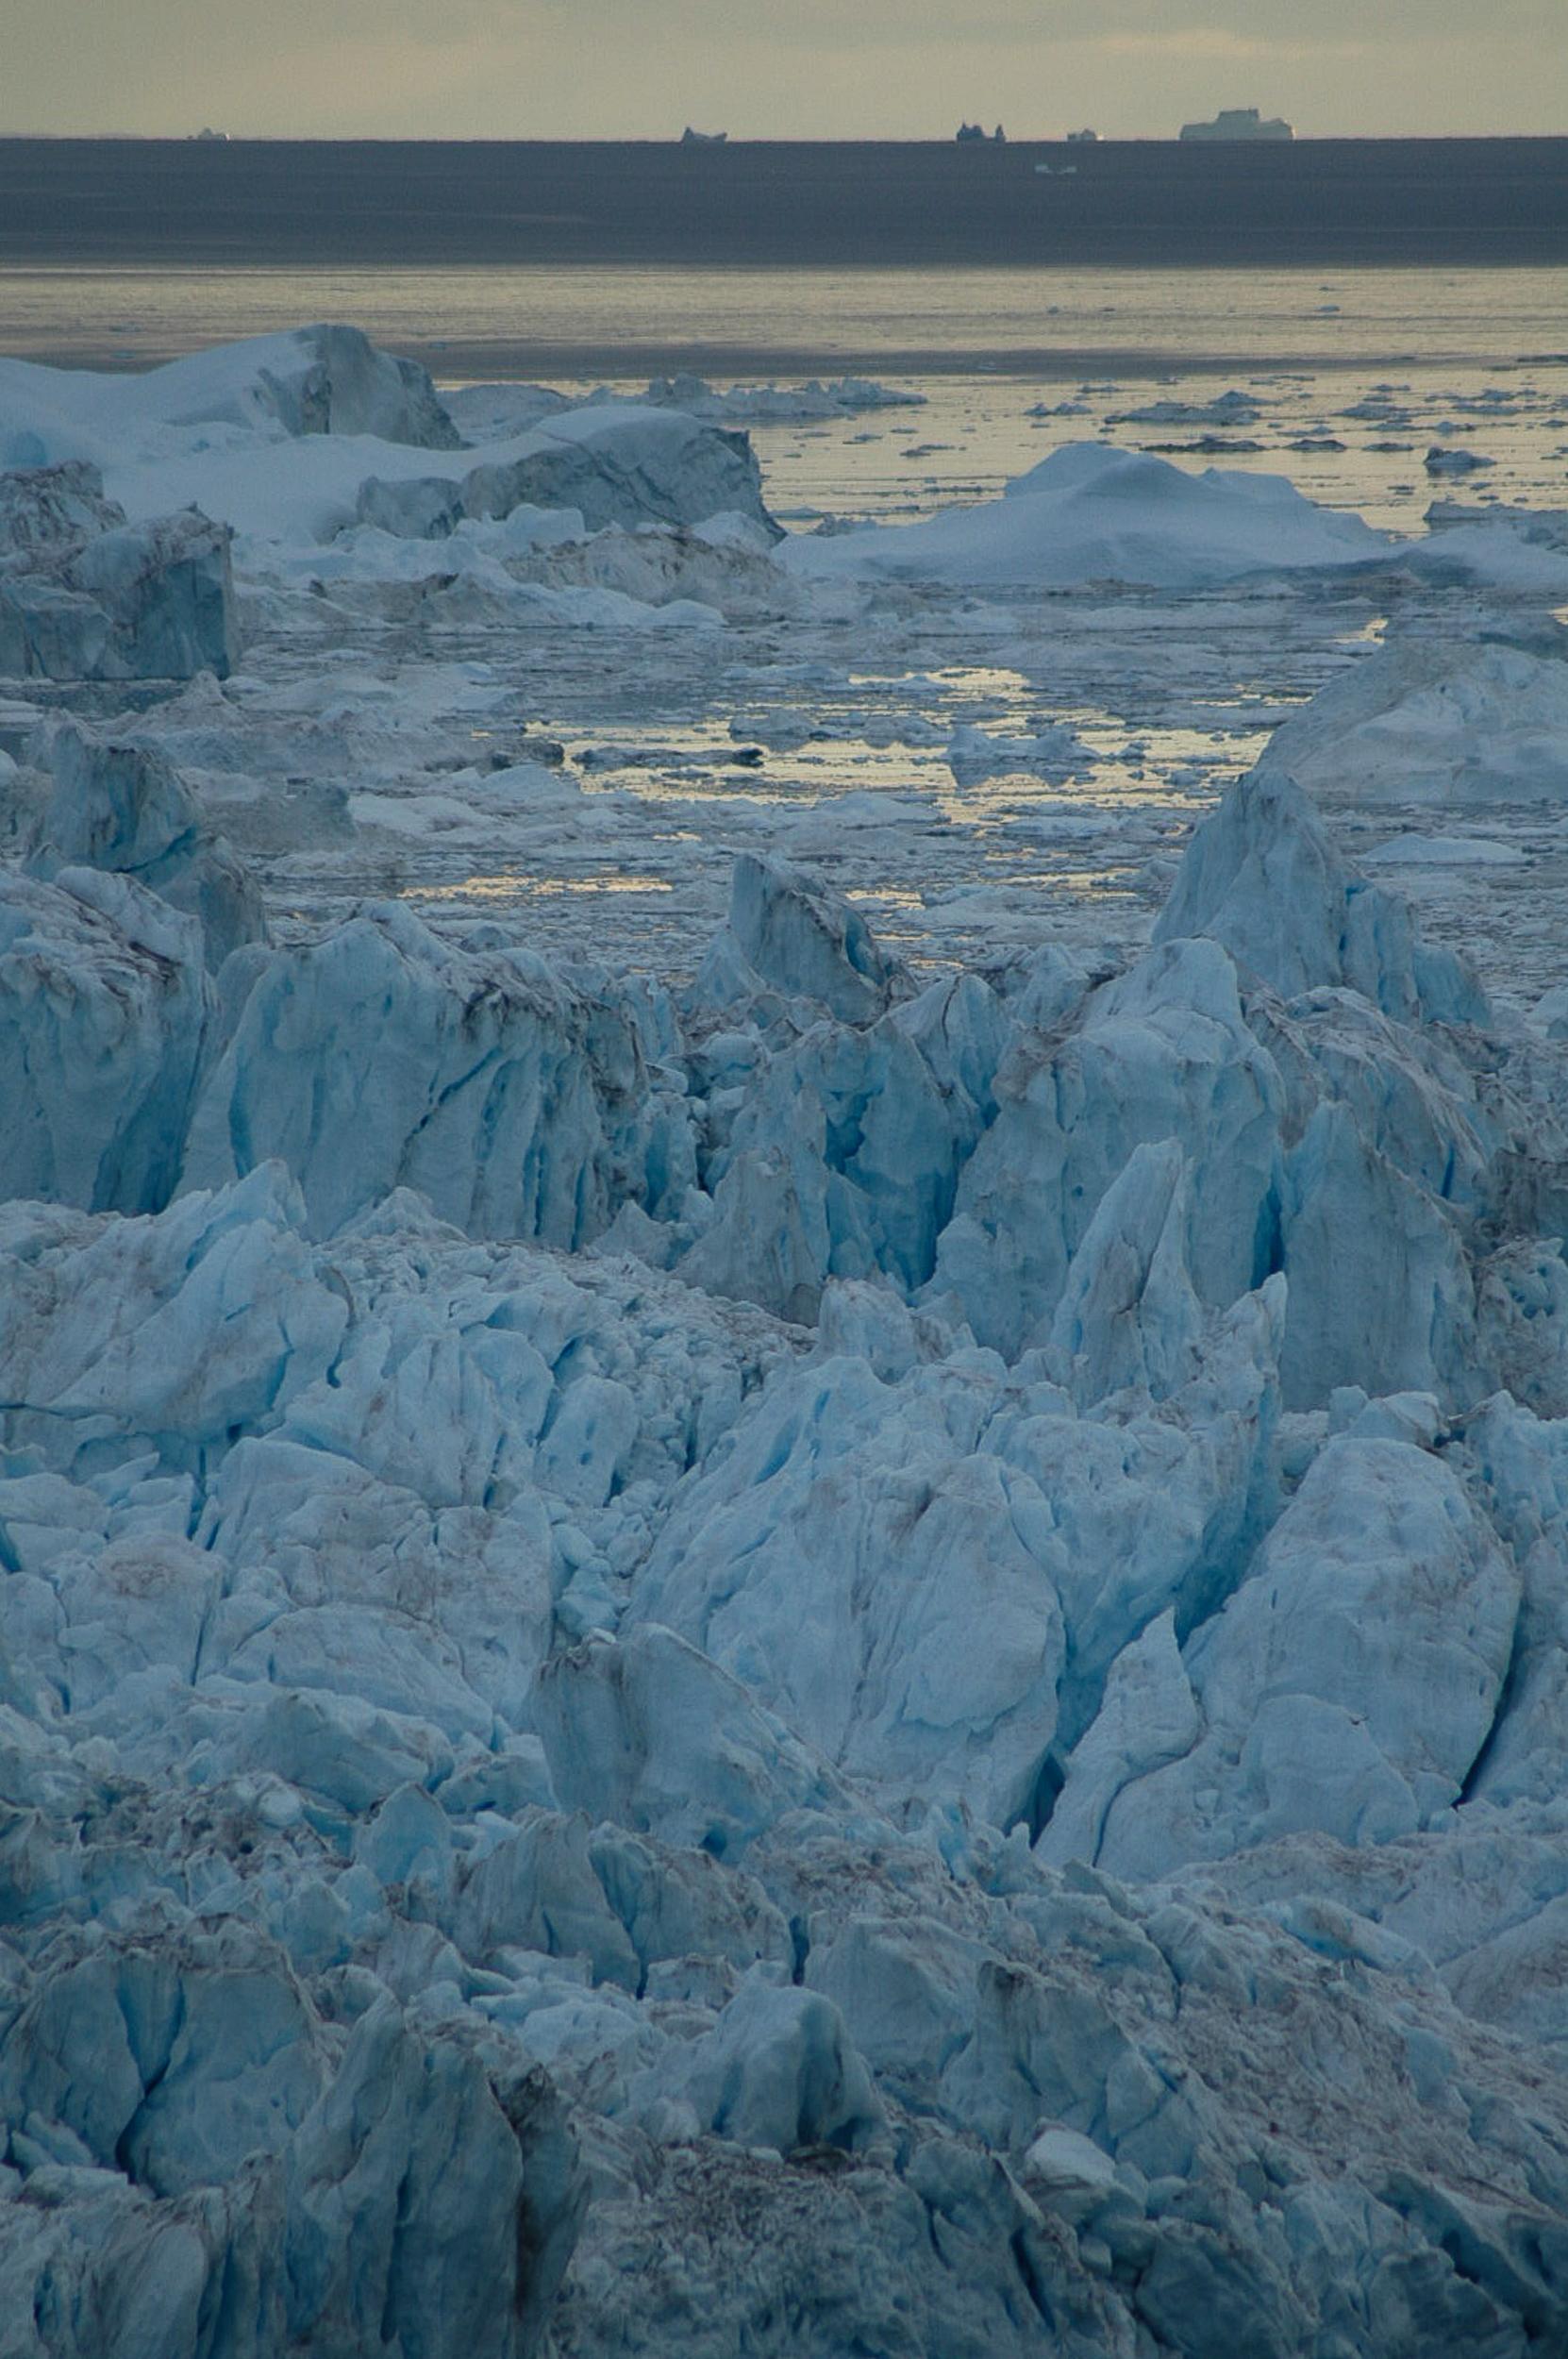 Icebergs Ilulissat Arctic Travel JONAA ©Kristjan Fridriksson-1026.jpg